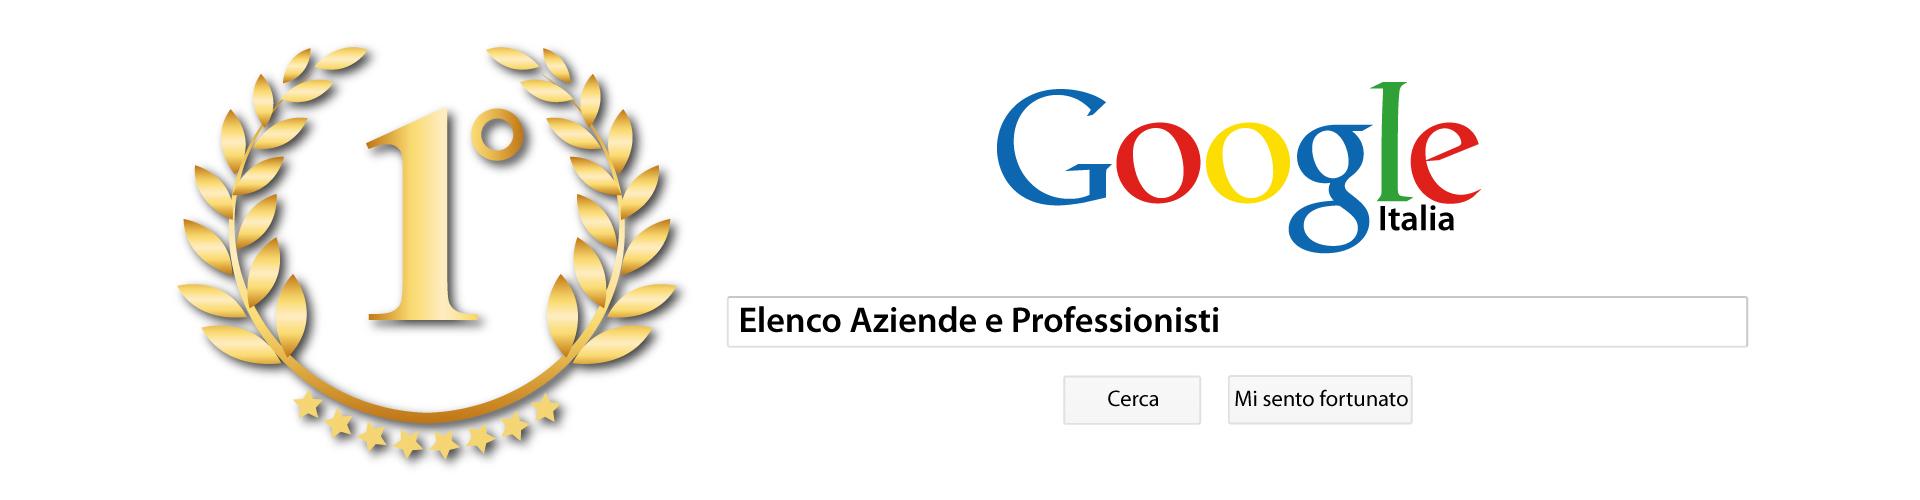 Получить в Google